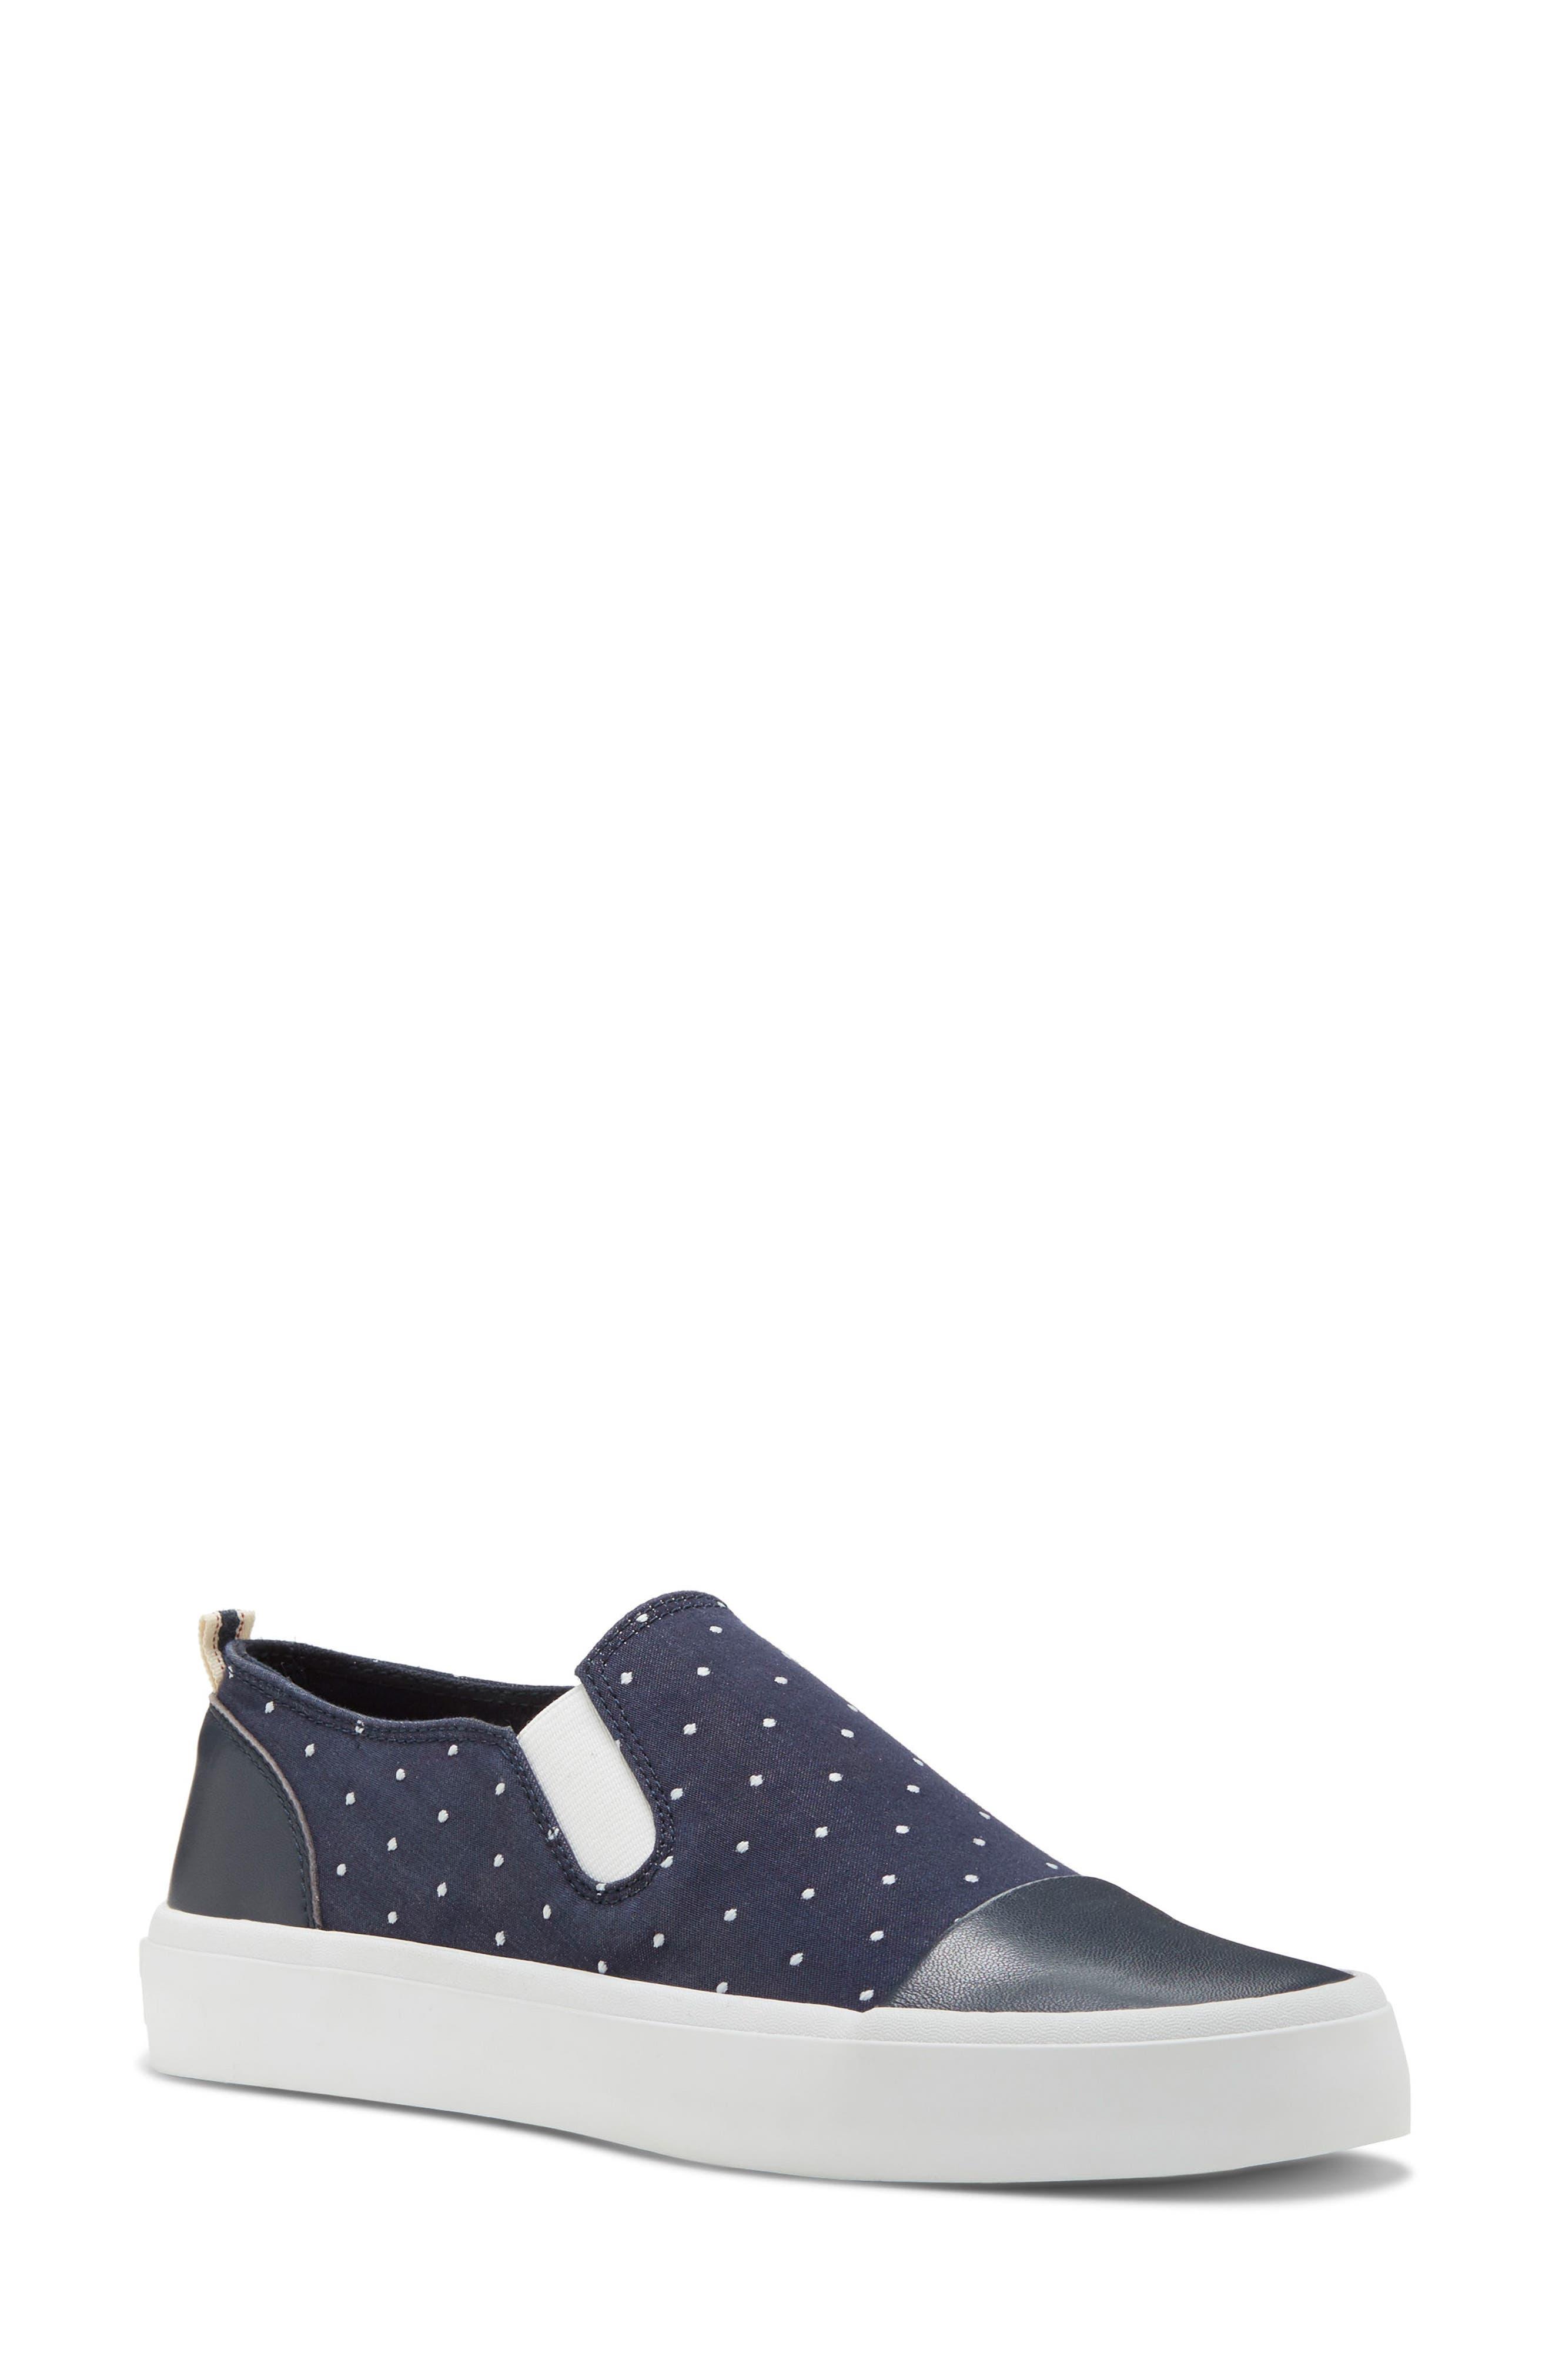 Alternate Image 1 Selected - ED Ellen DeGeneres Darja Slip-On Sneaker (Women)